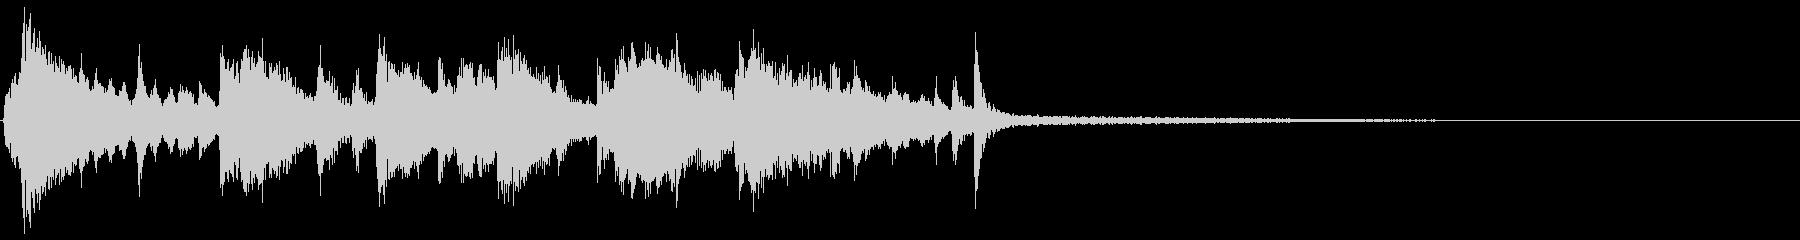 KANTスロージャズジングル2の未再生の波形